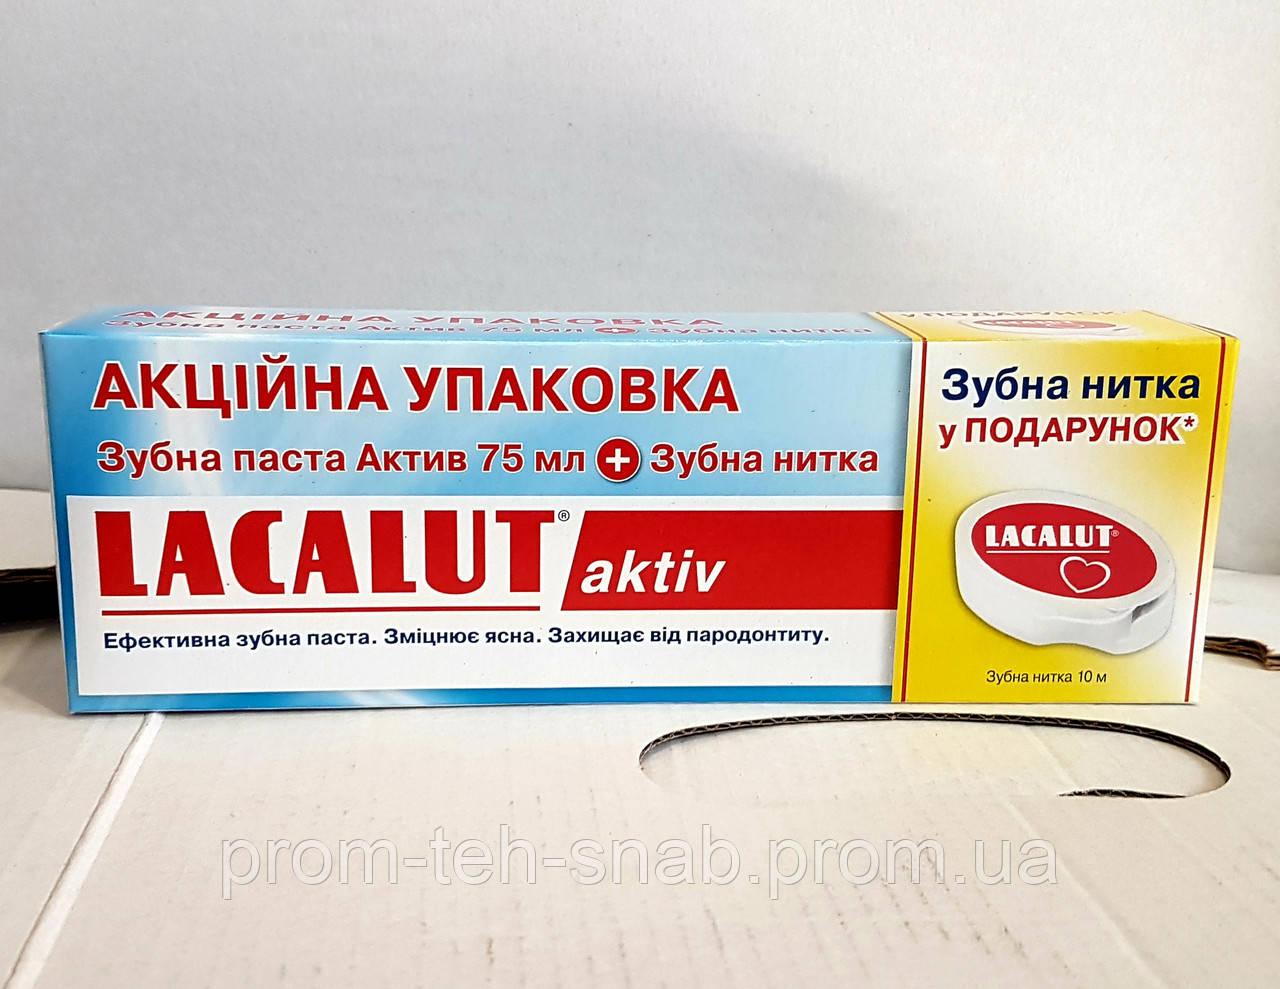 LACALUT Aktiv зубная паста 75мл+зубная нить